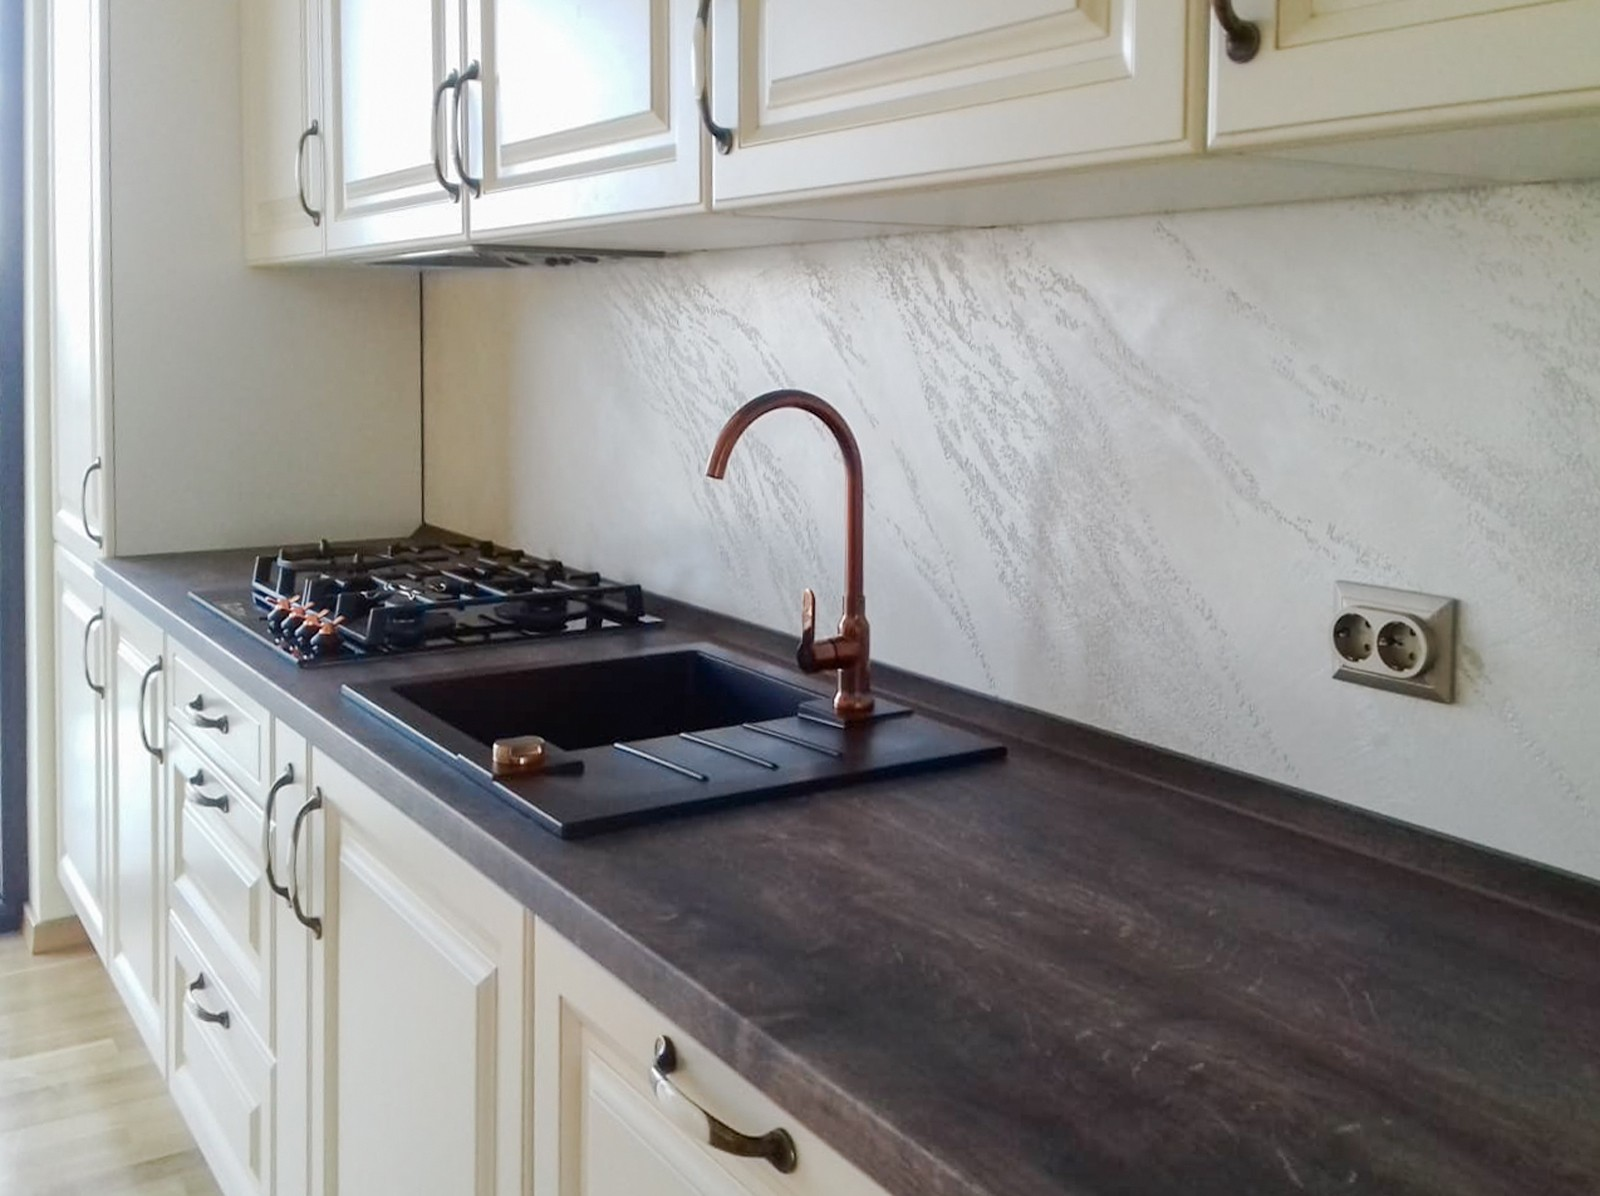 Referință - Bucătărie clasică Nobilia Castello - Crem antichizat / Stejar stem